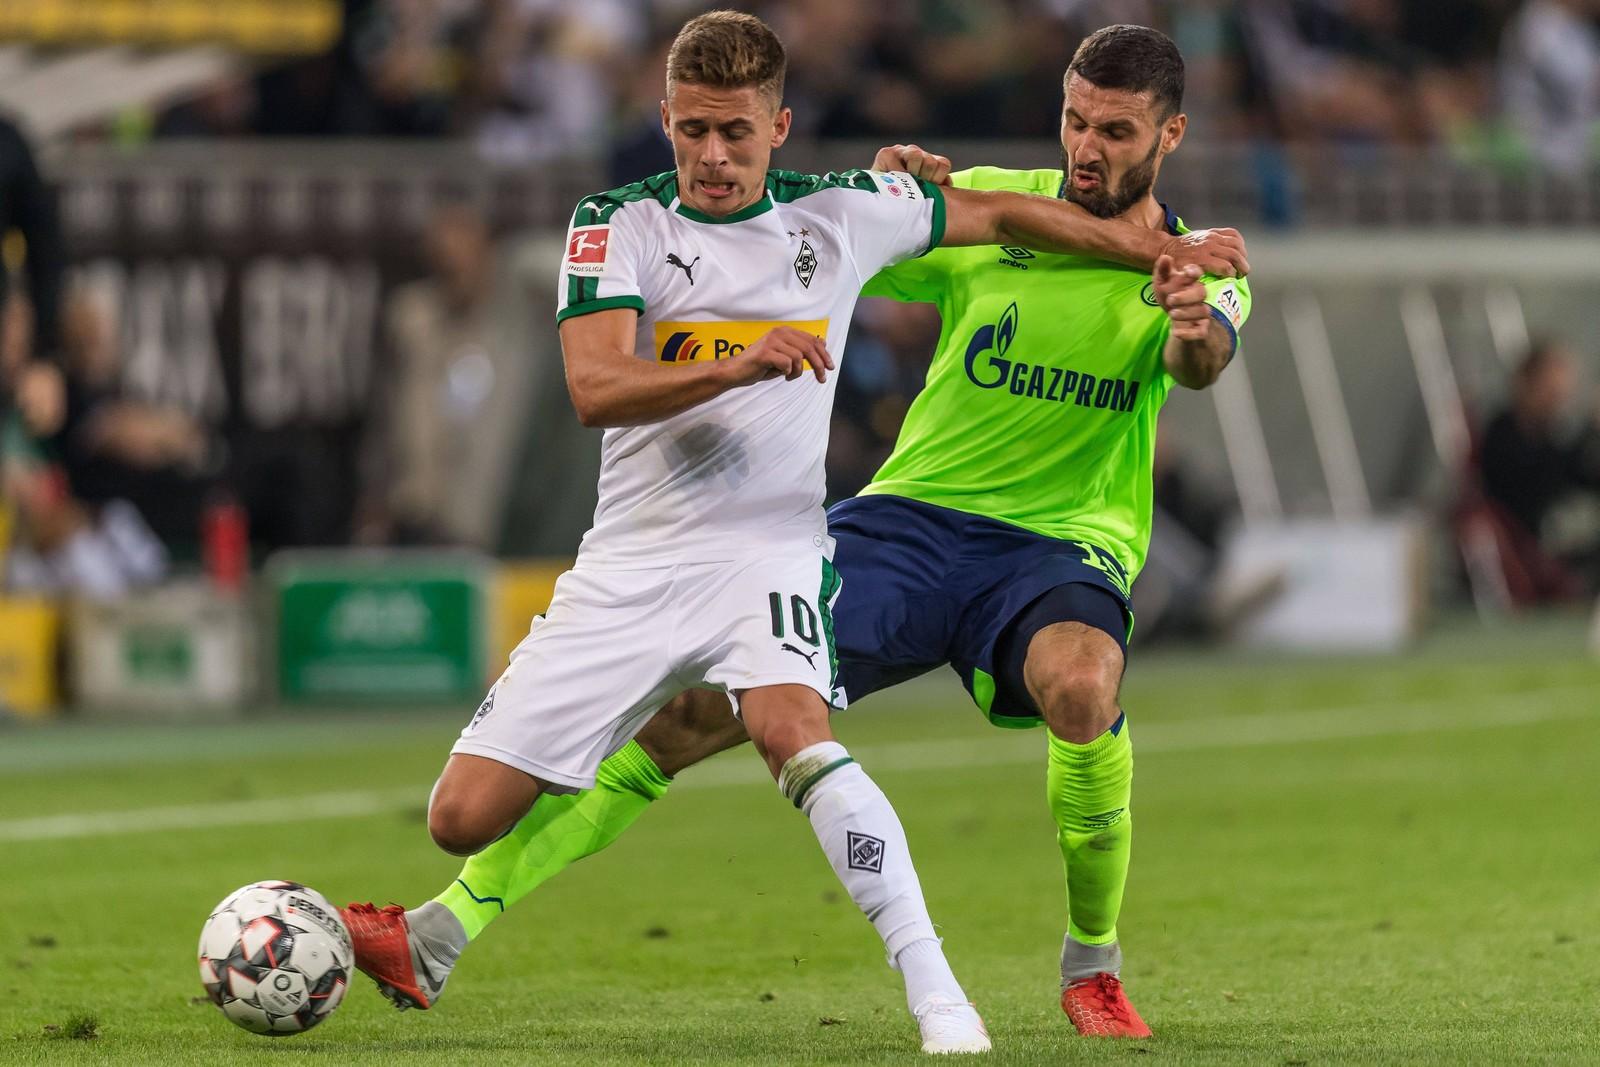 Macht Thorgan Hazard auch gegen Schalke den Unterschied? Jetzt auf Schalke gegen Gladbach wetten!